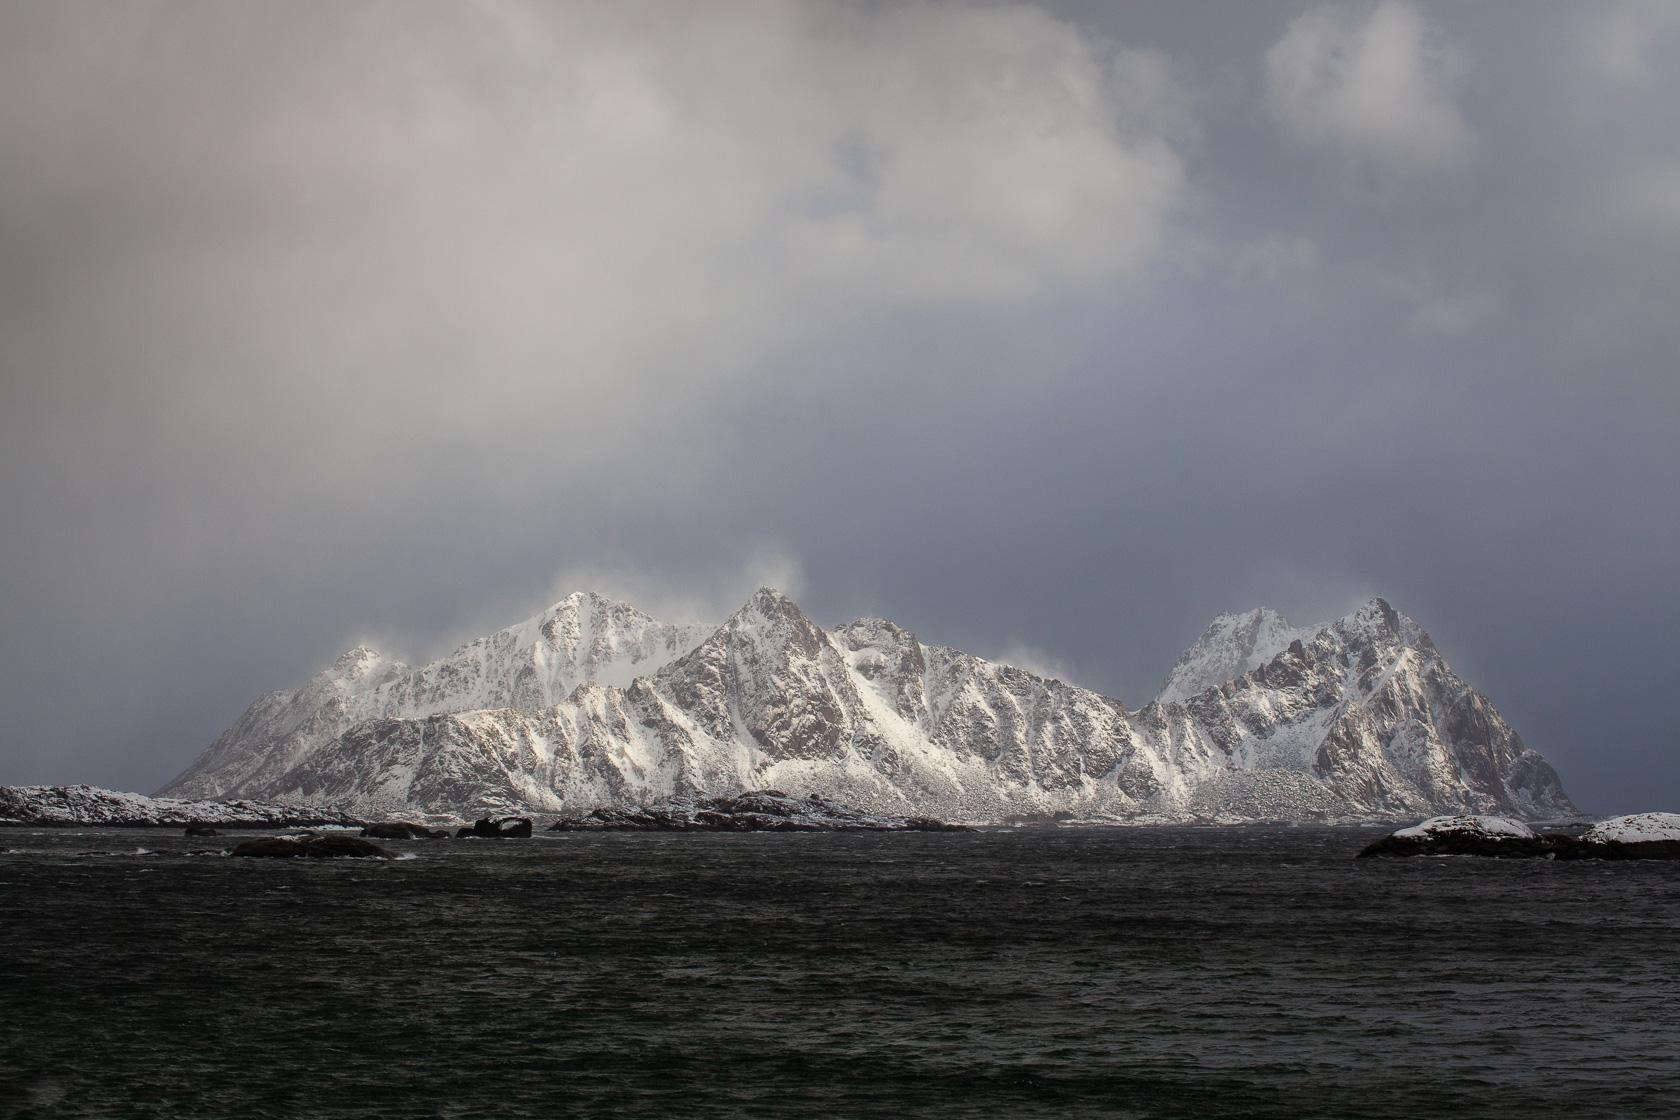 île de Skrova, dans les Lofoten, en Norvège